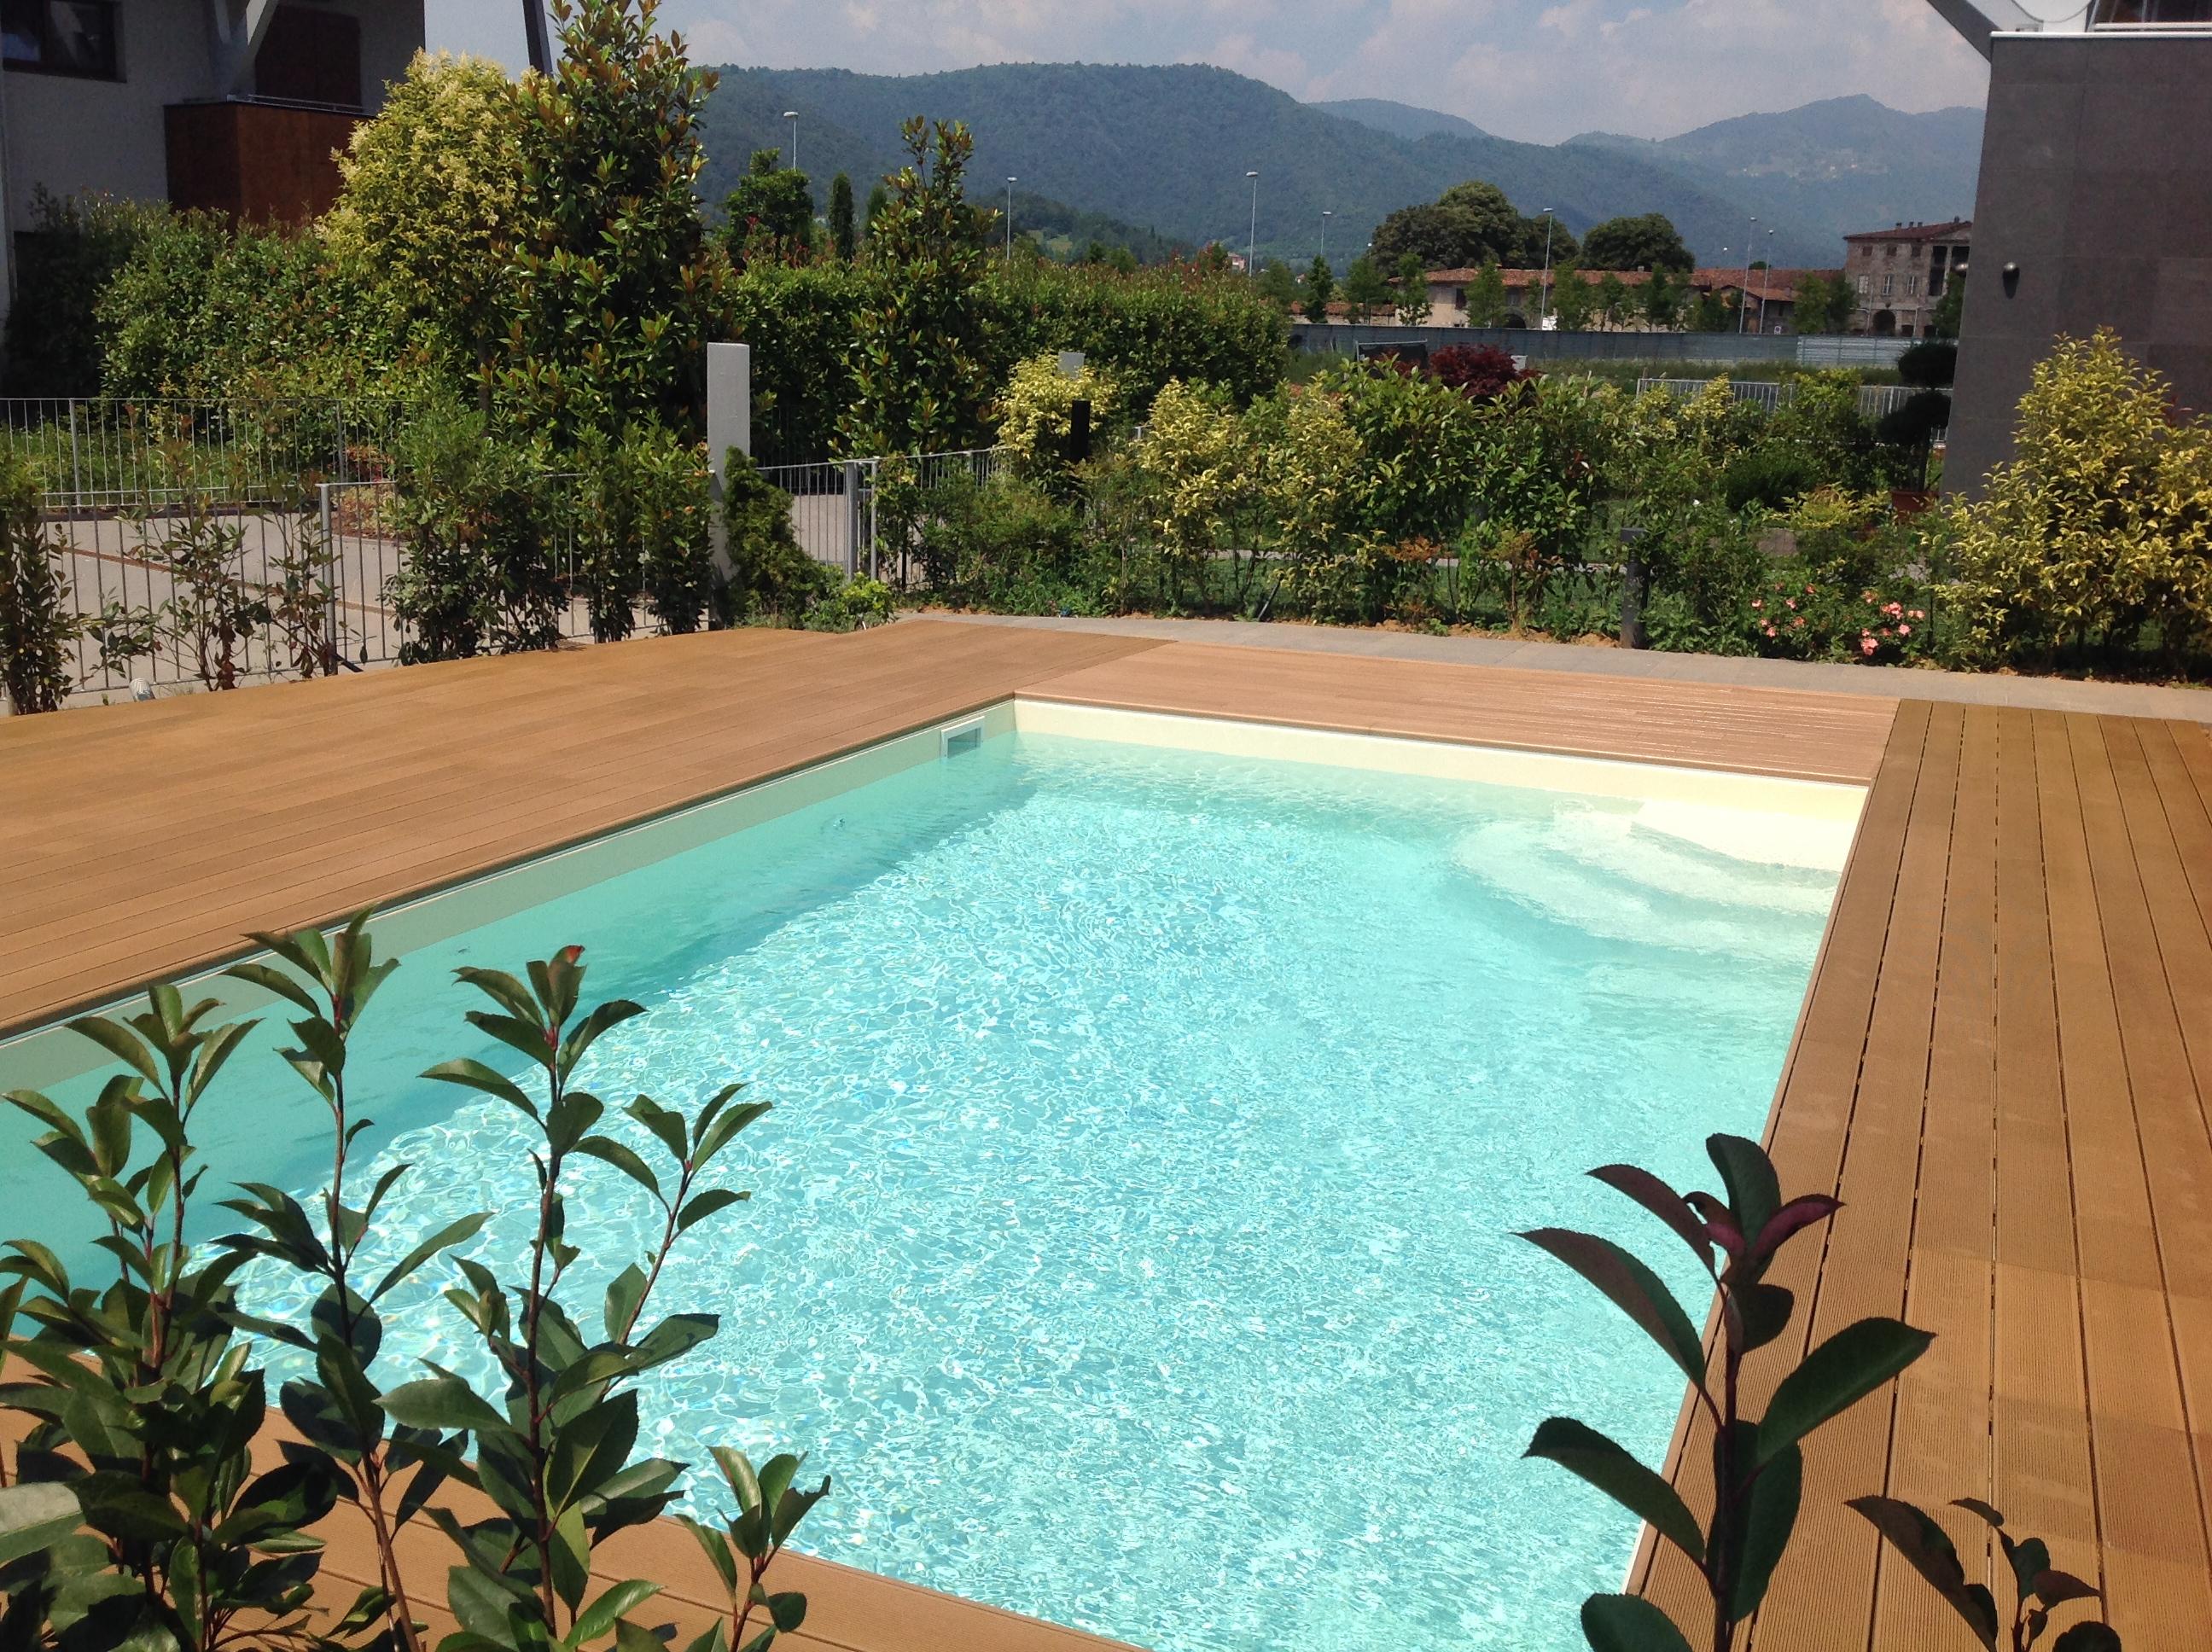 Ilmadeinbergamo impermeabilizzazione piscine a bergamo for Piscina in giardino